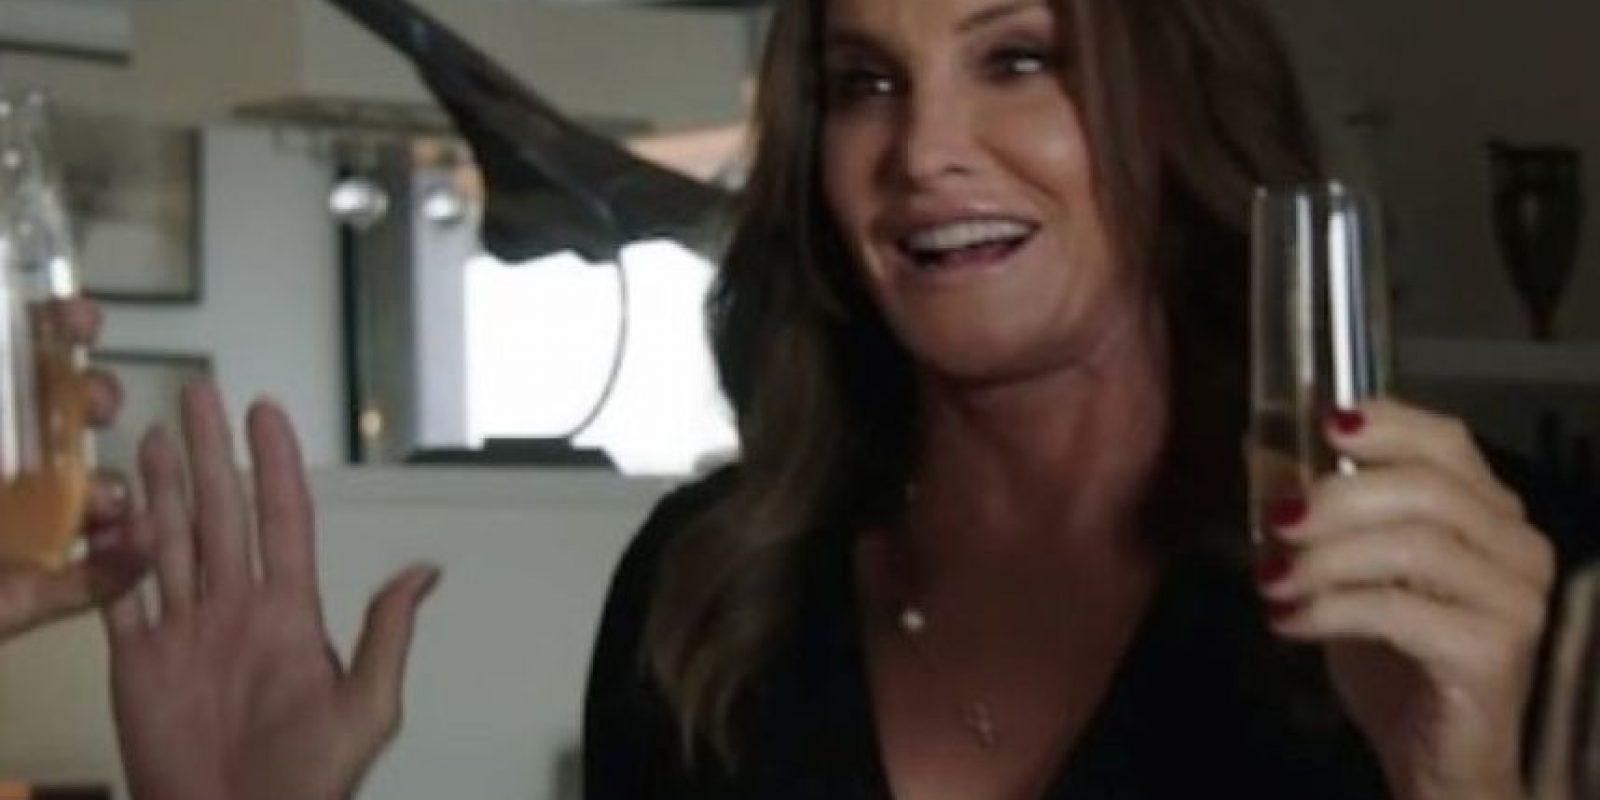 esde su transición, Jenner se había caracterizado por su buen gusto por la moda. Foto:YouTube E! Entertainment